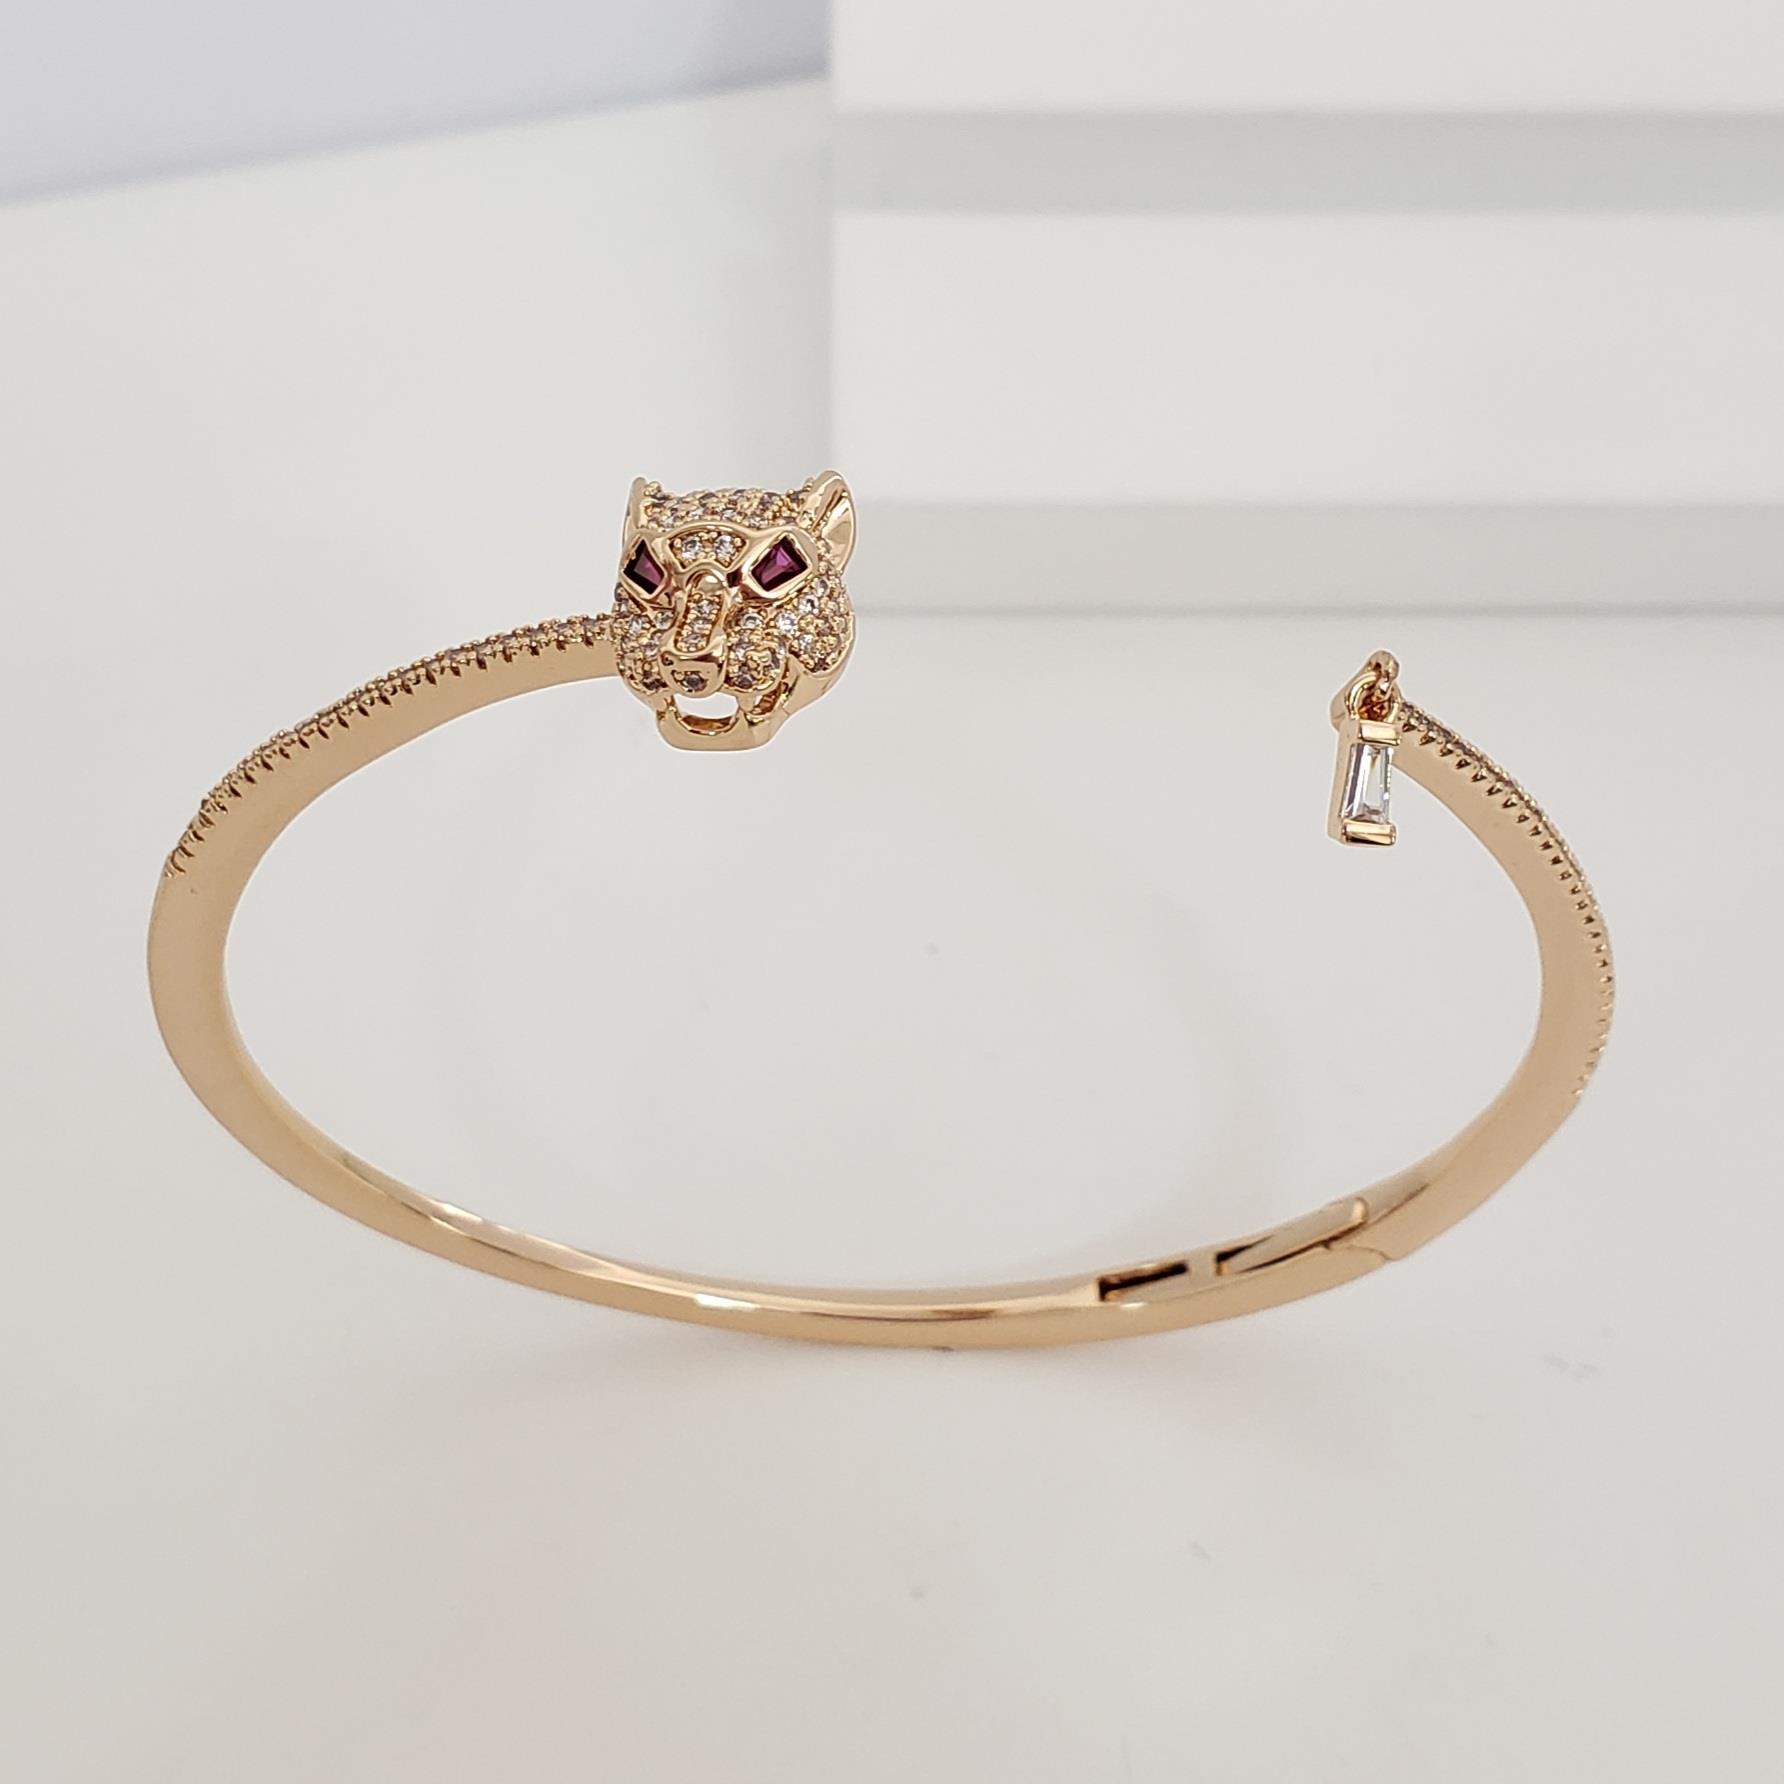 Bracelete Fino Aberto Zirconia com Cabeça Leopardo e Trapézio Zircônia no Banho Ouro 18k Semijoia